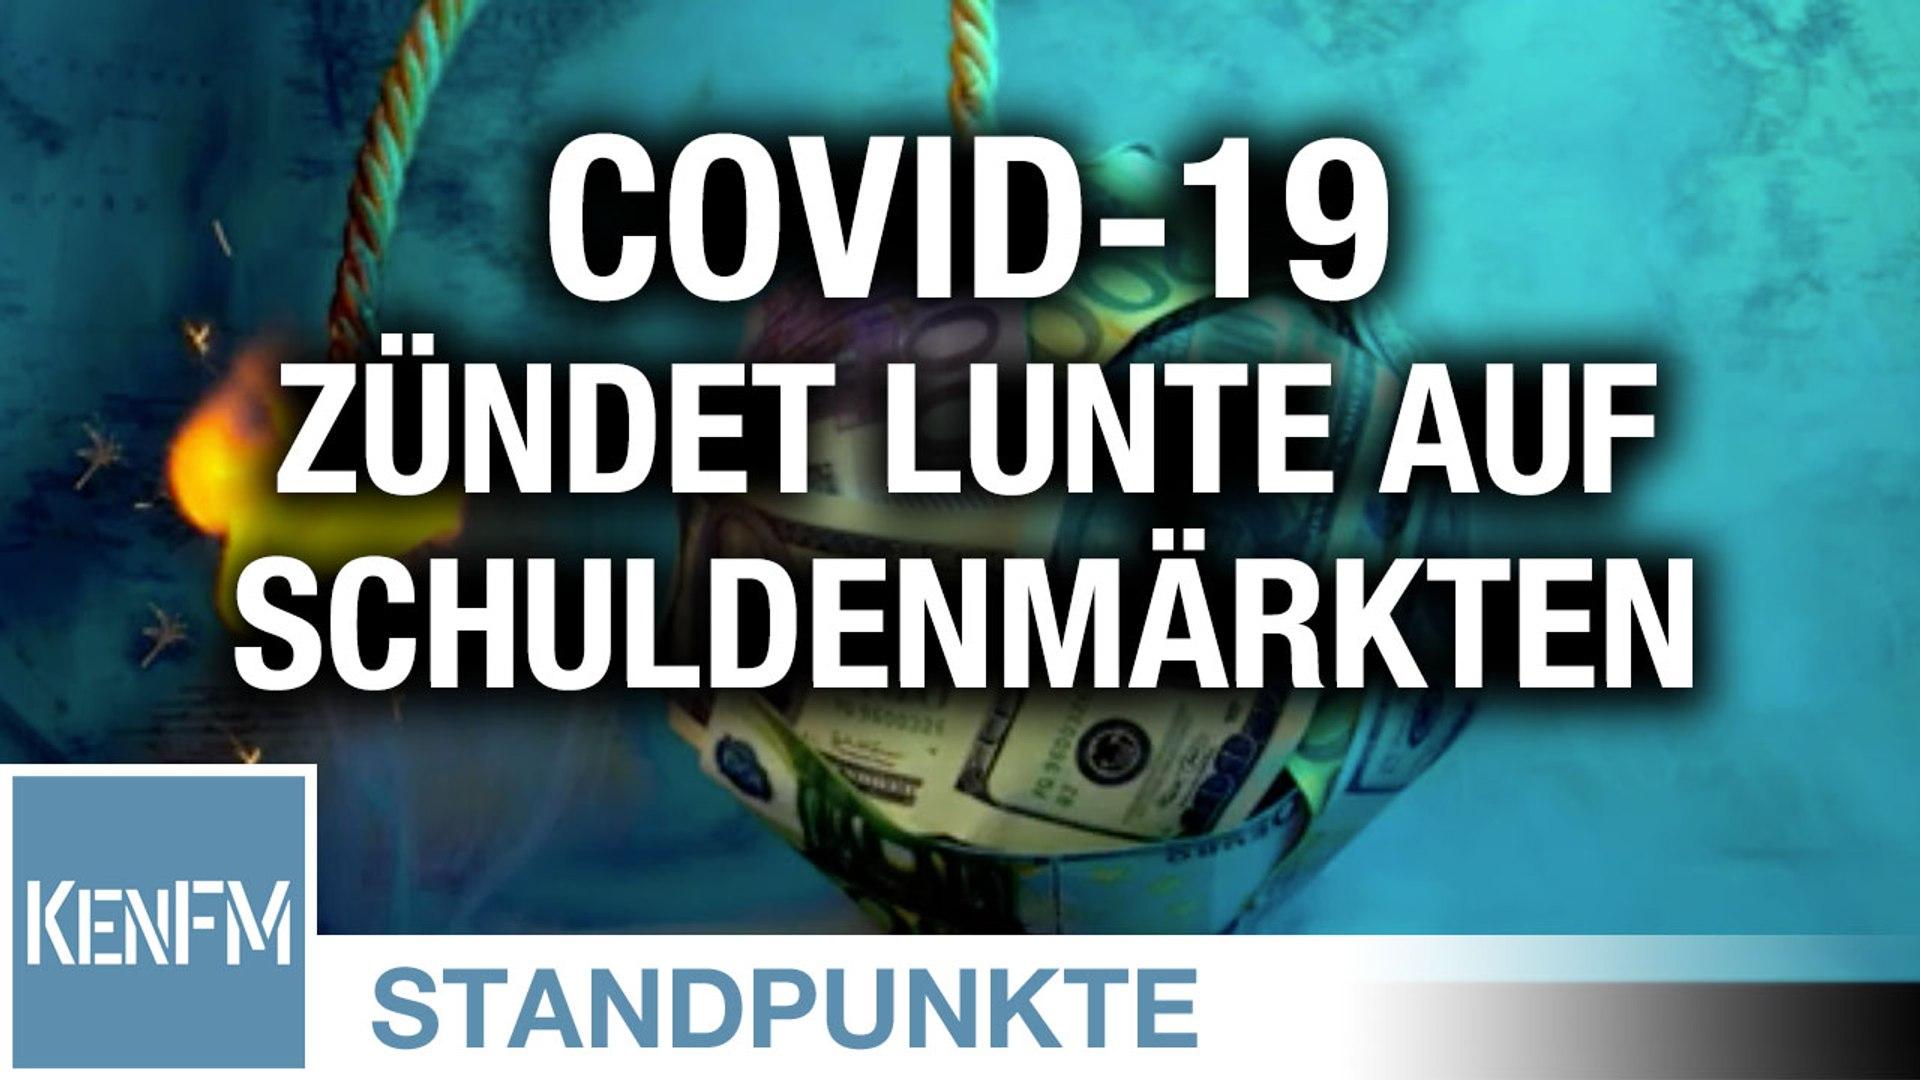 Covid-19 zündet die Lunte auf den Schuldenmärkten an   Von Christian Kreiß